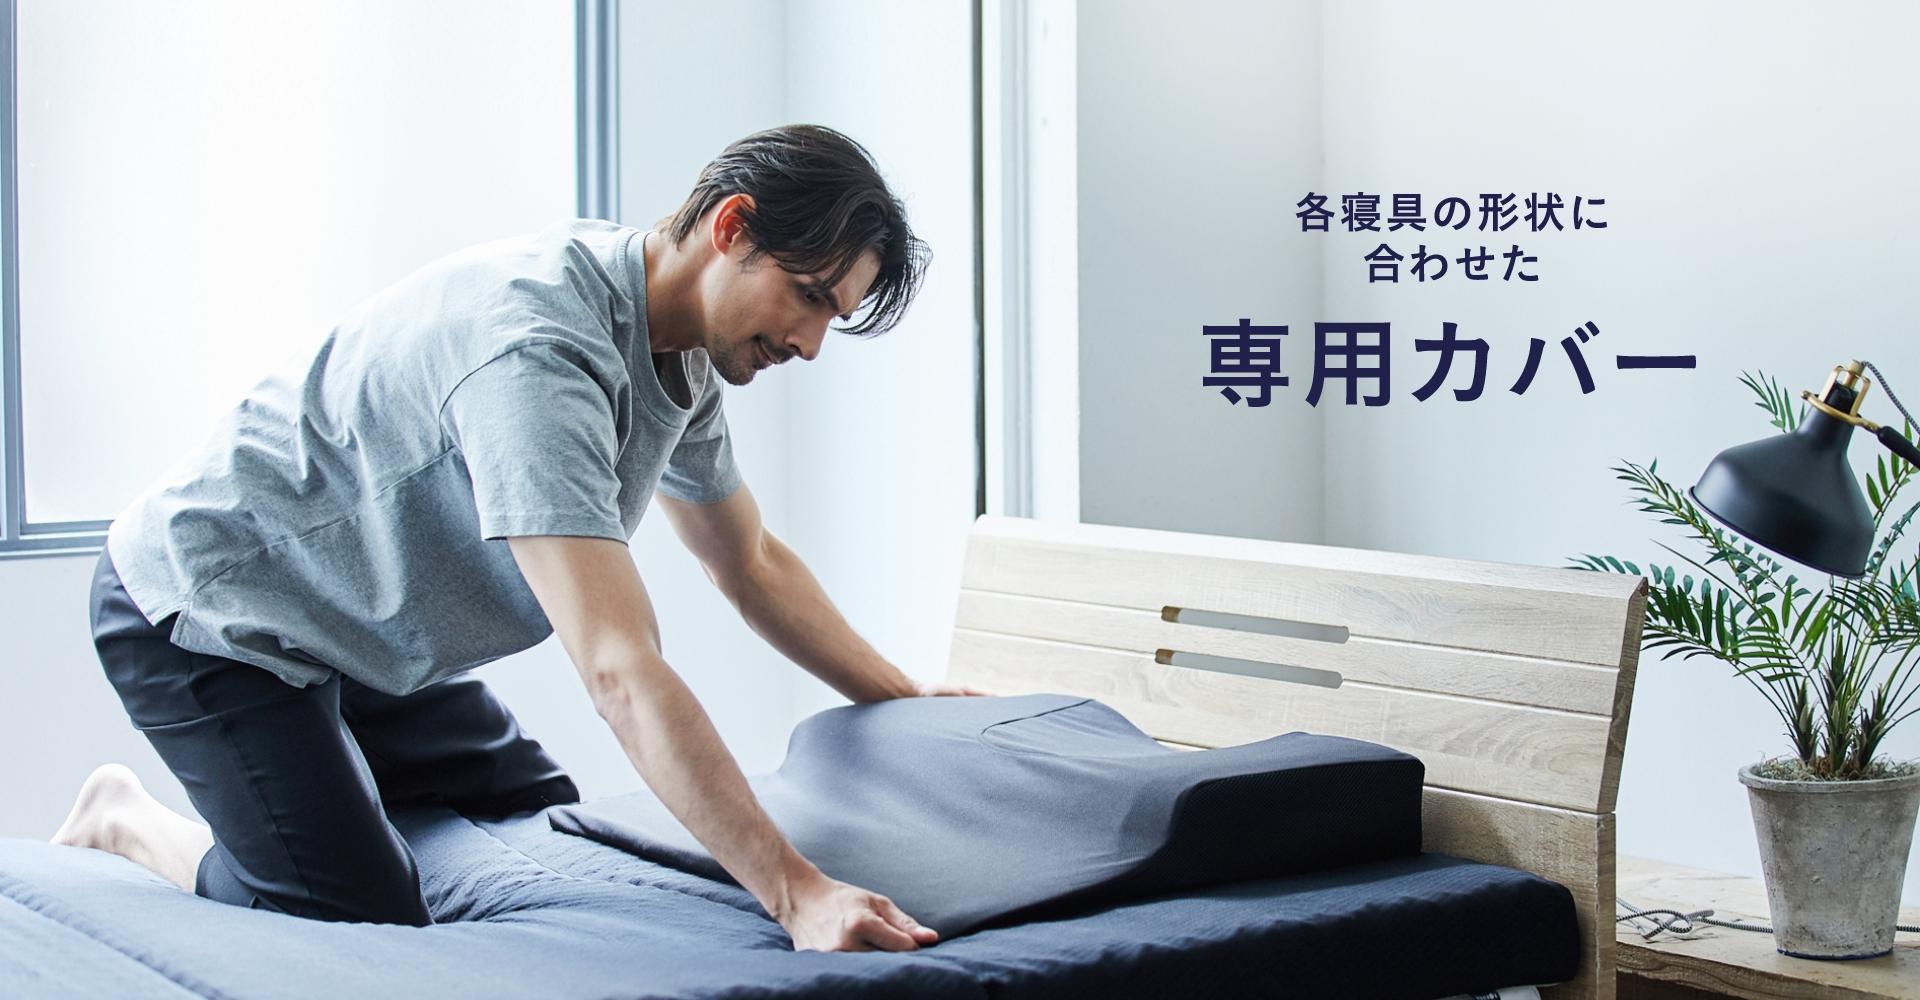 各寝具の形状に合わせた 専用カバー